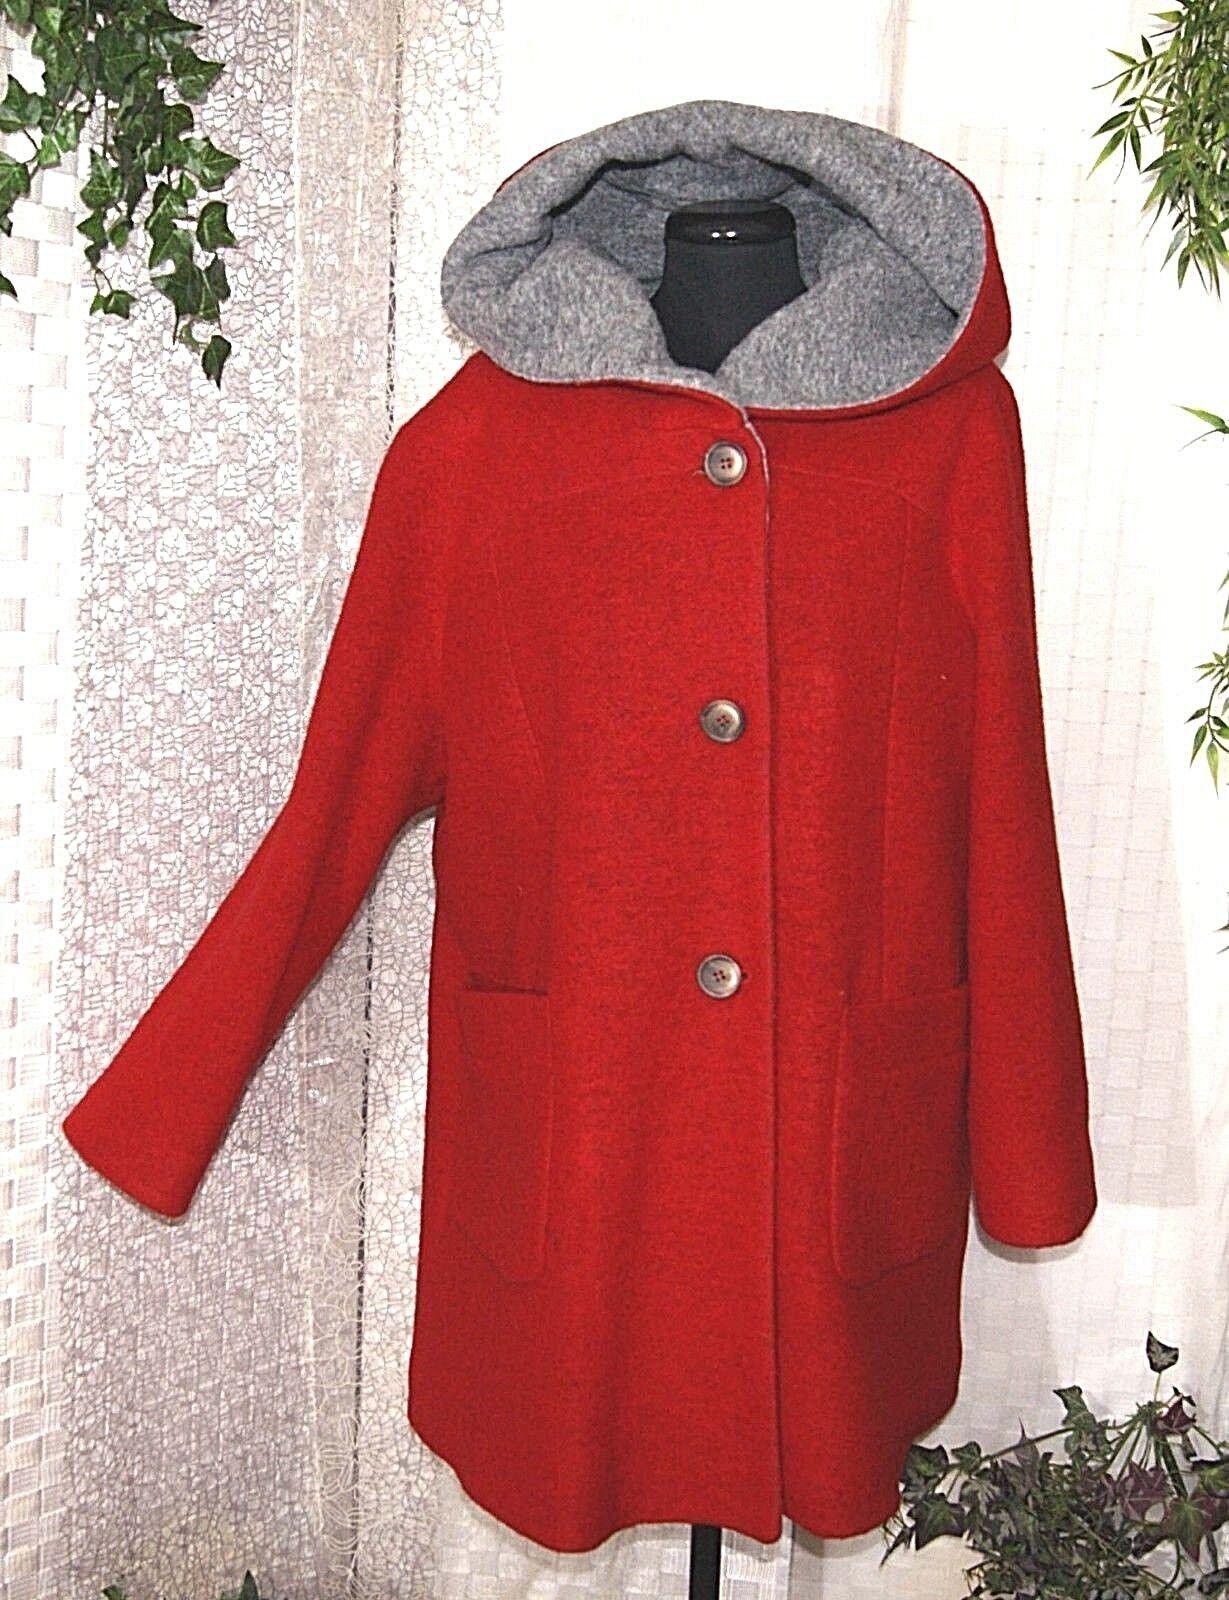 Giacca da Donna CIVAS walkwolle Rosso Grigio Cappuccio 46 46 46 48 caldo Lagenlook Lana 457806